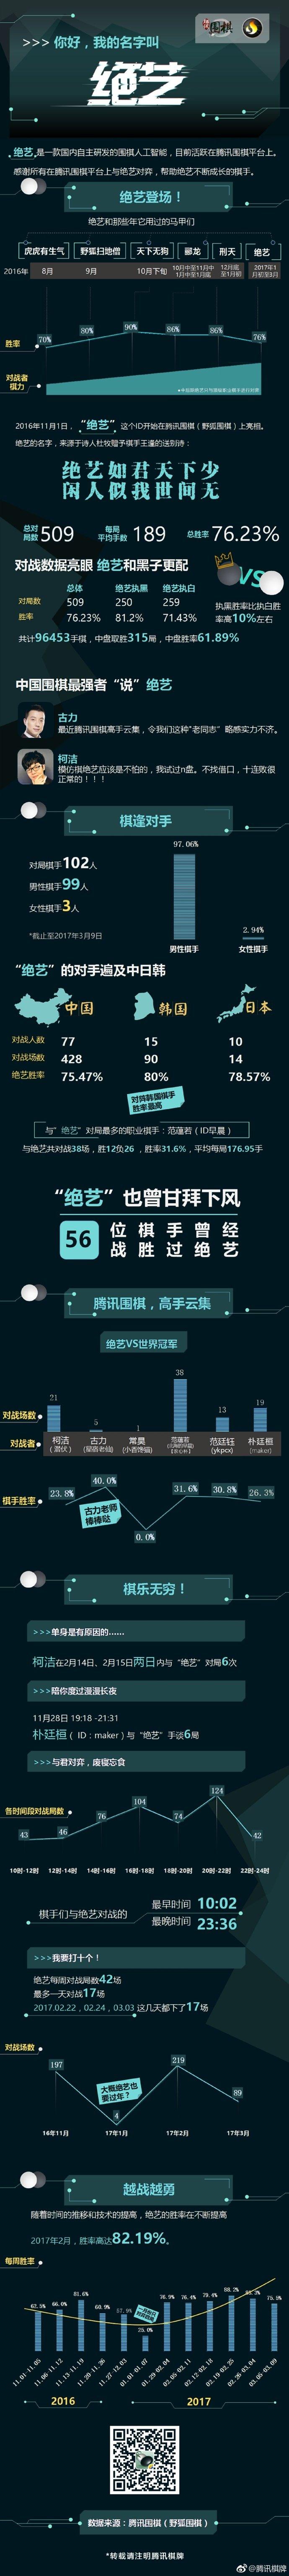 中國騰訊圍棋平台上的人工智慧程式:絕藝。